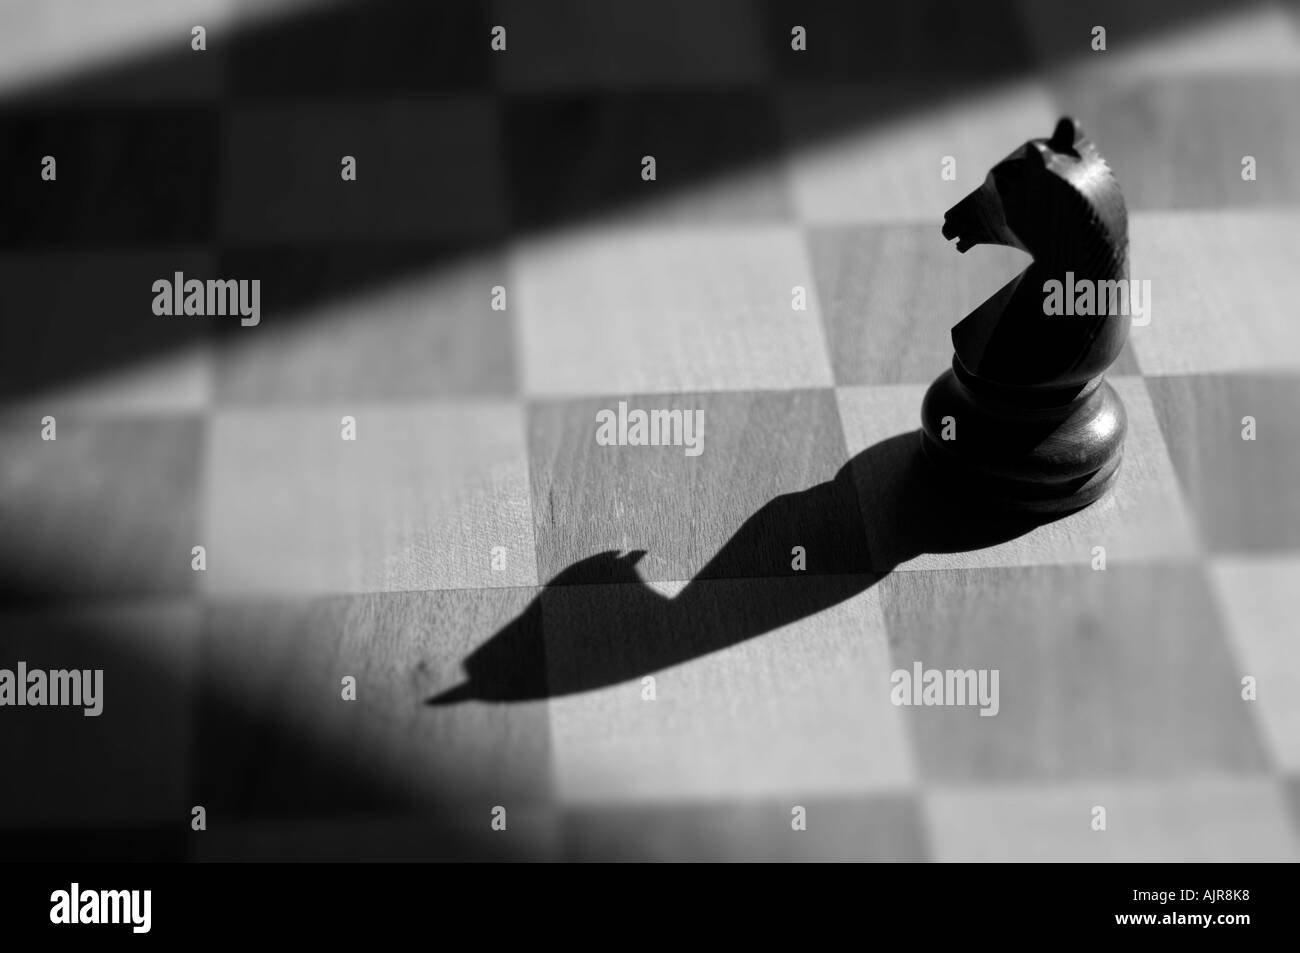 Cavaliere nero drammaticamente illuminati su una scacchiera Immagini Stock